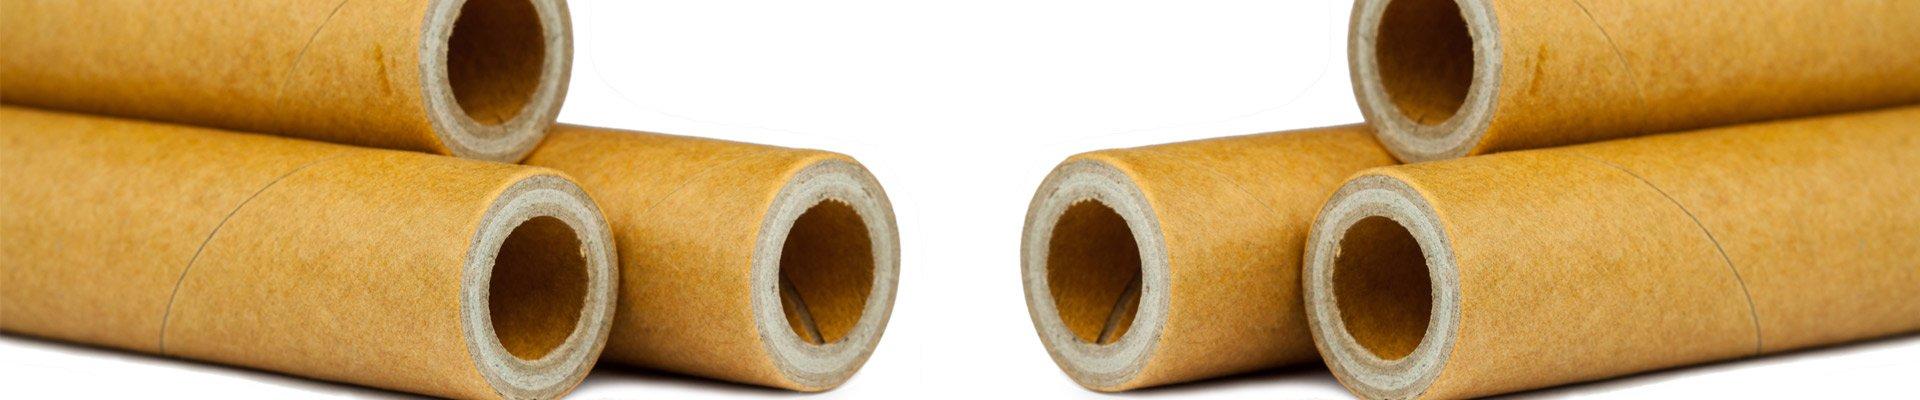 the tubeworks cardboard tube